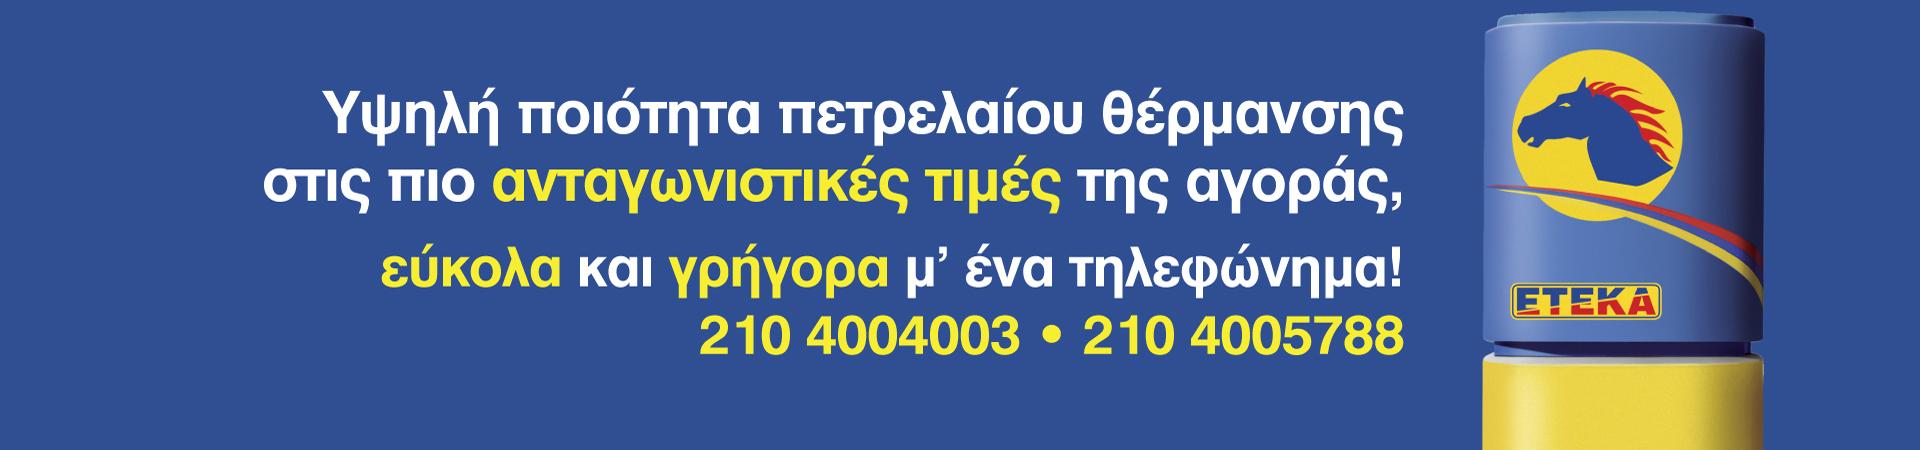 1.-ETEKA1920X450pxFFF